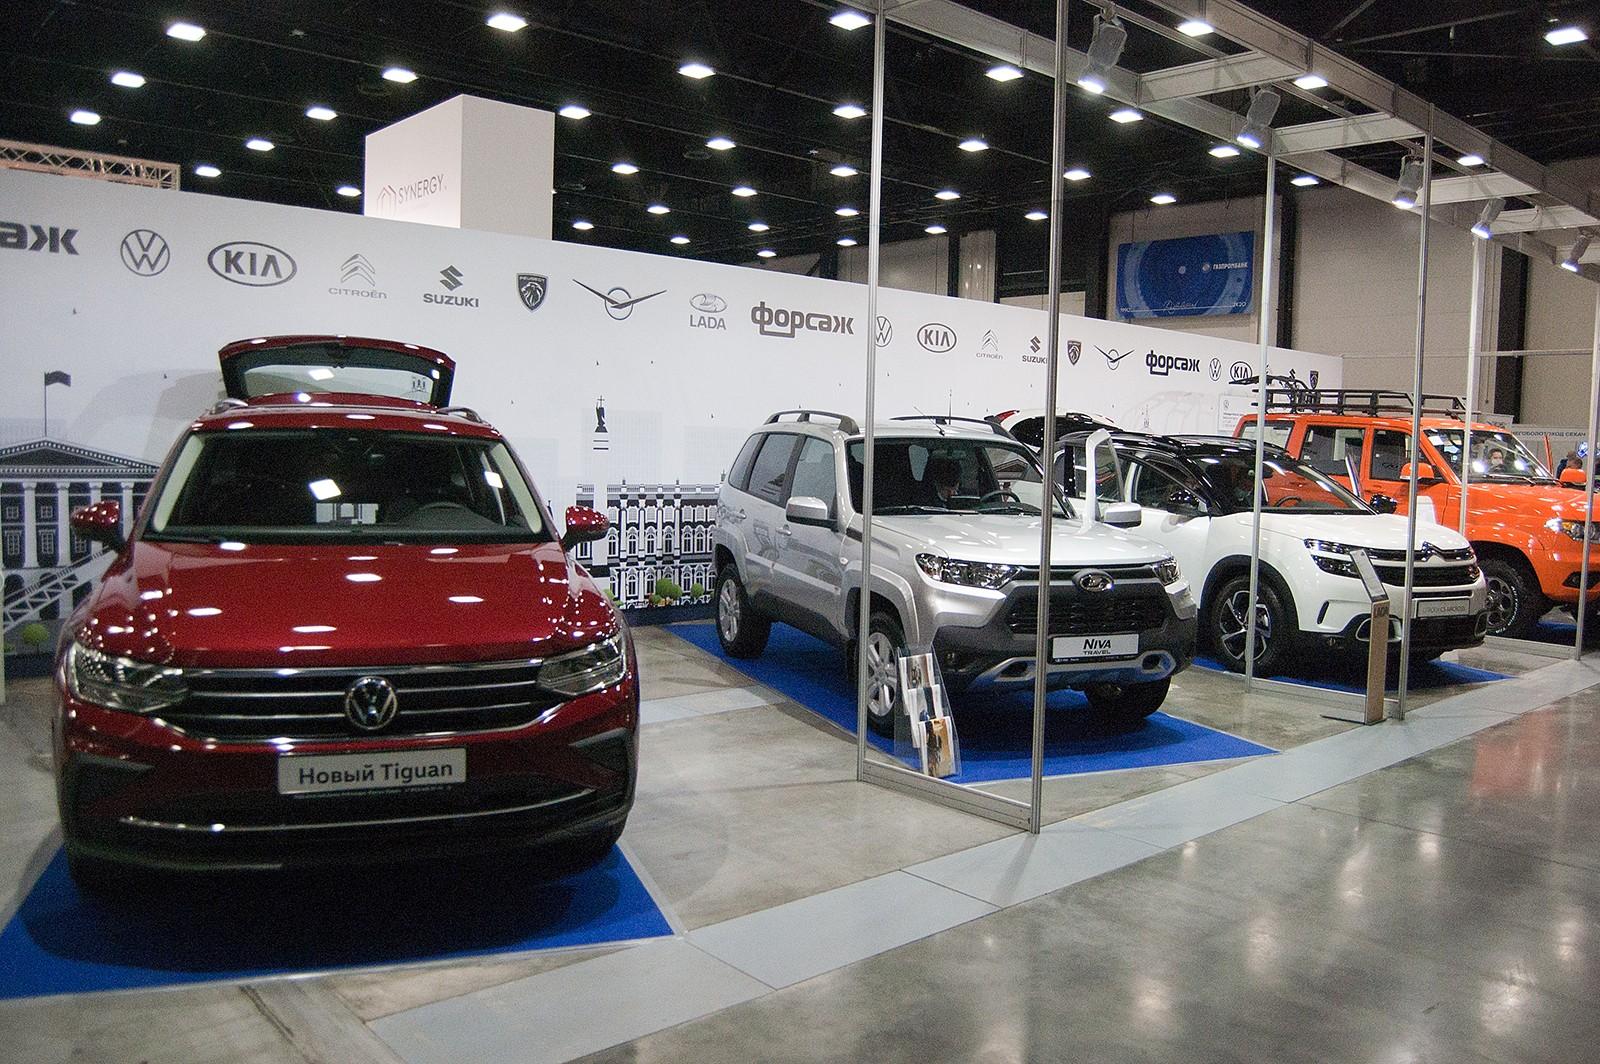 По старинке: что посмотреть на Петербургском международном автосалоне?